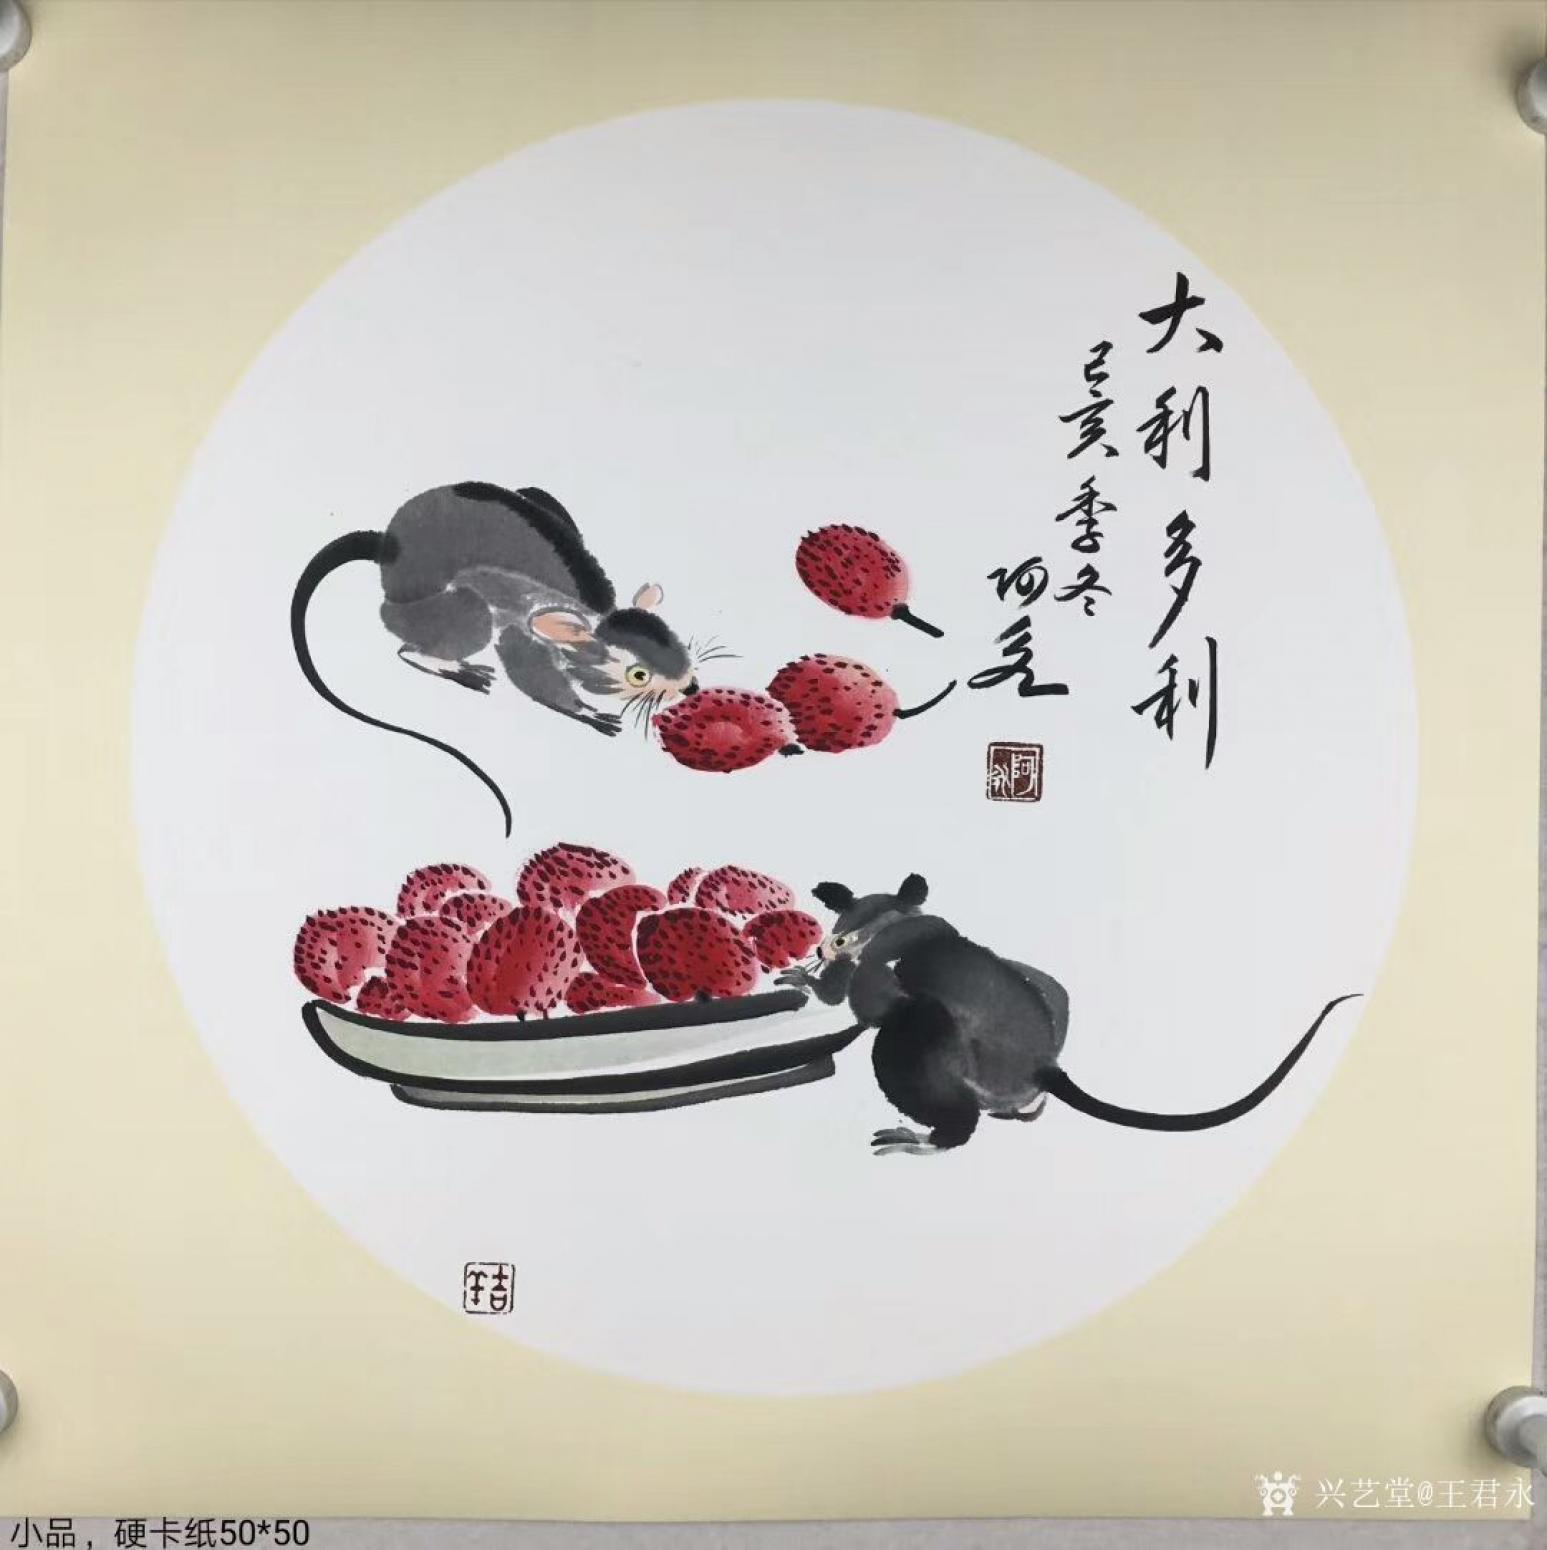 王君永国画作品《动物老鼠-大利多利》【图0】